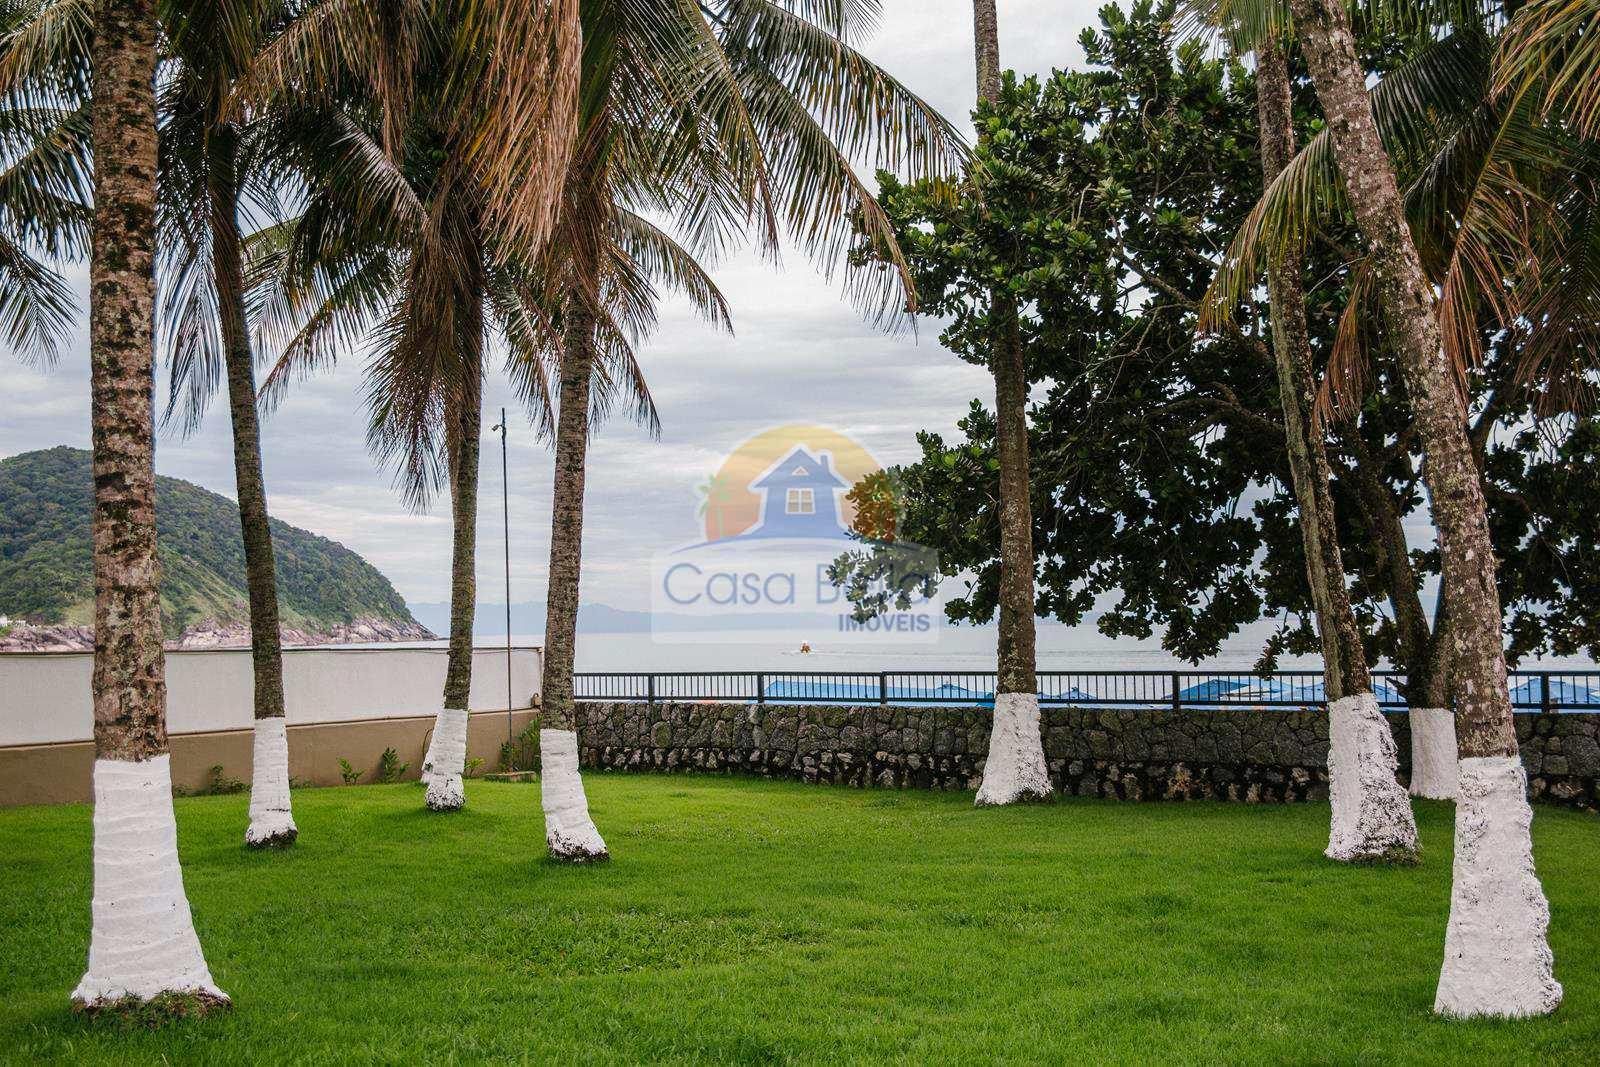 Sobrado frente para o mar, pé na areia, Praia do Pernambuco